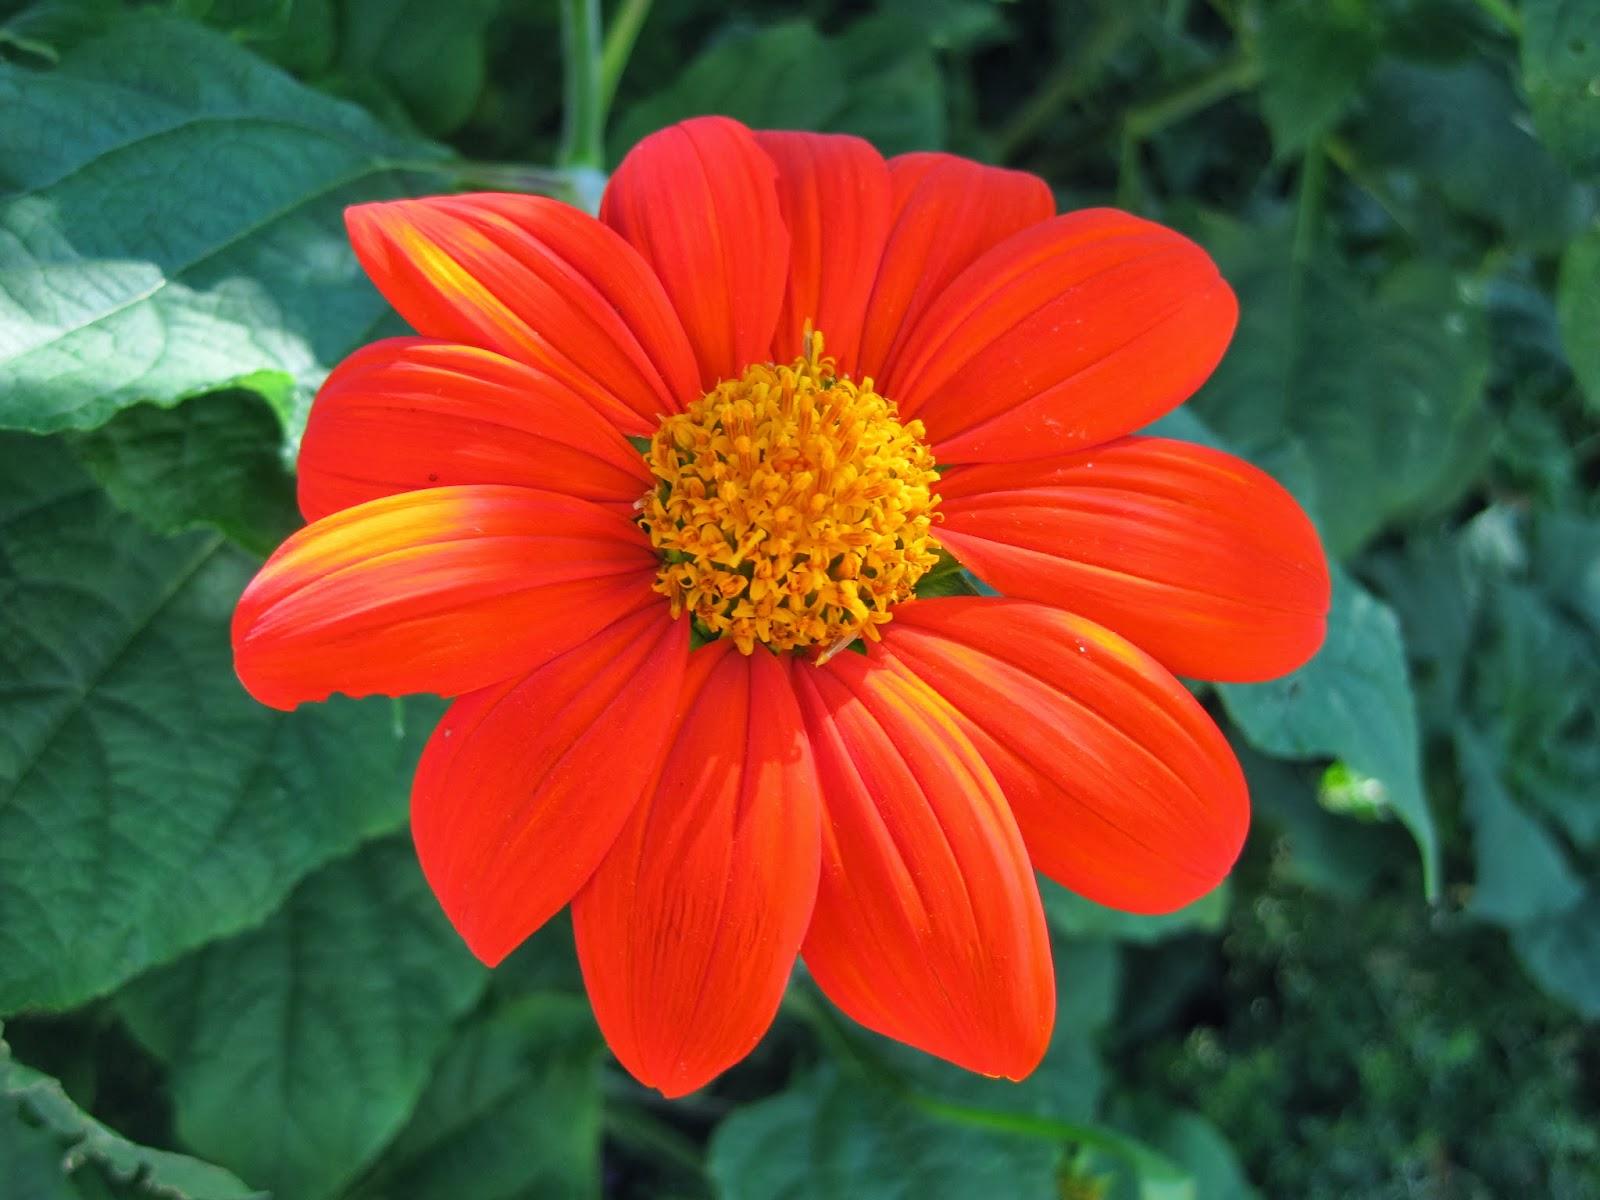 Jenis Bunga Matahari Fiesta Del Sol atau 'Torch' Mexican Sunflower